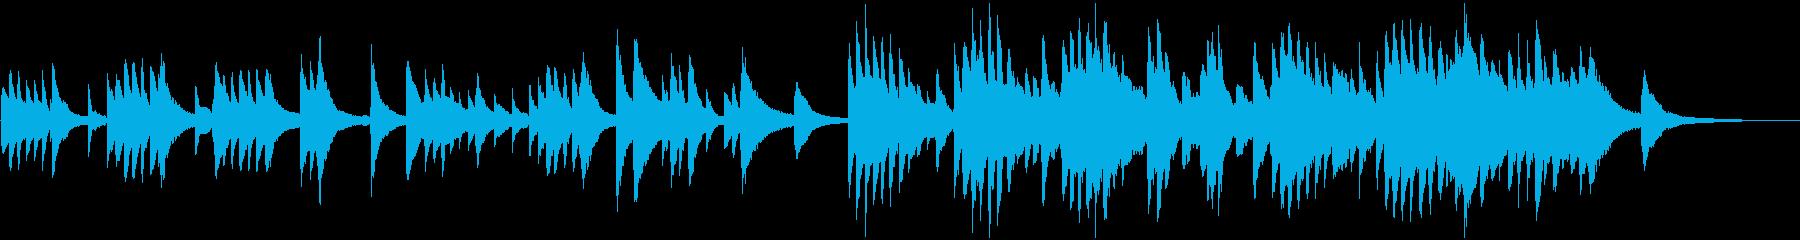 アンニュイで物憂げなピアノソロの再生済みの波形